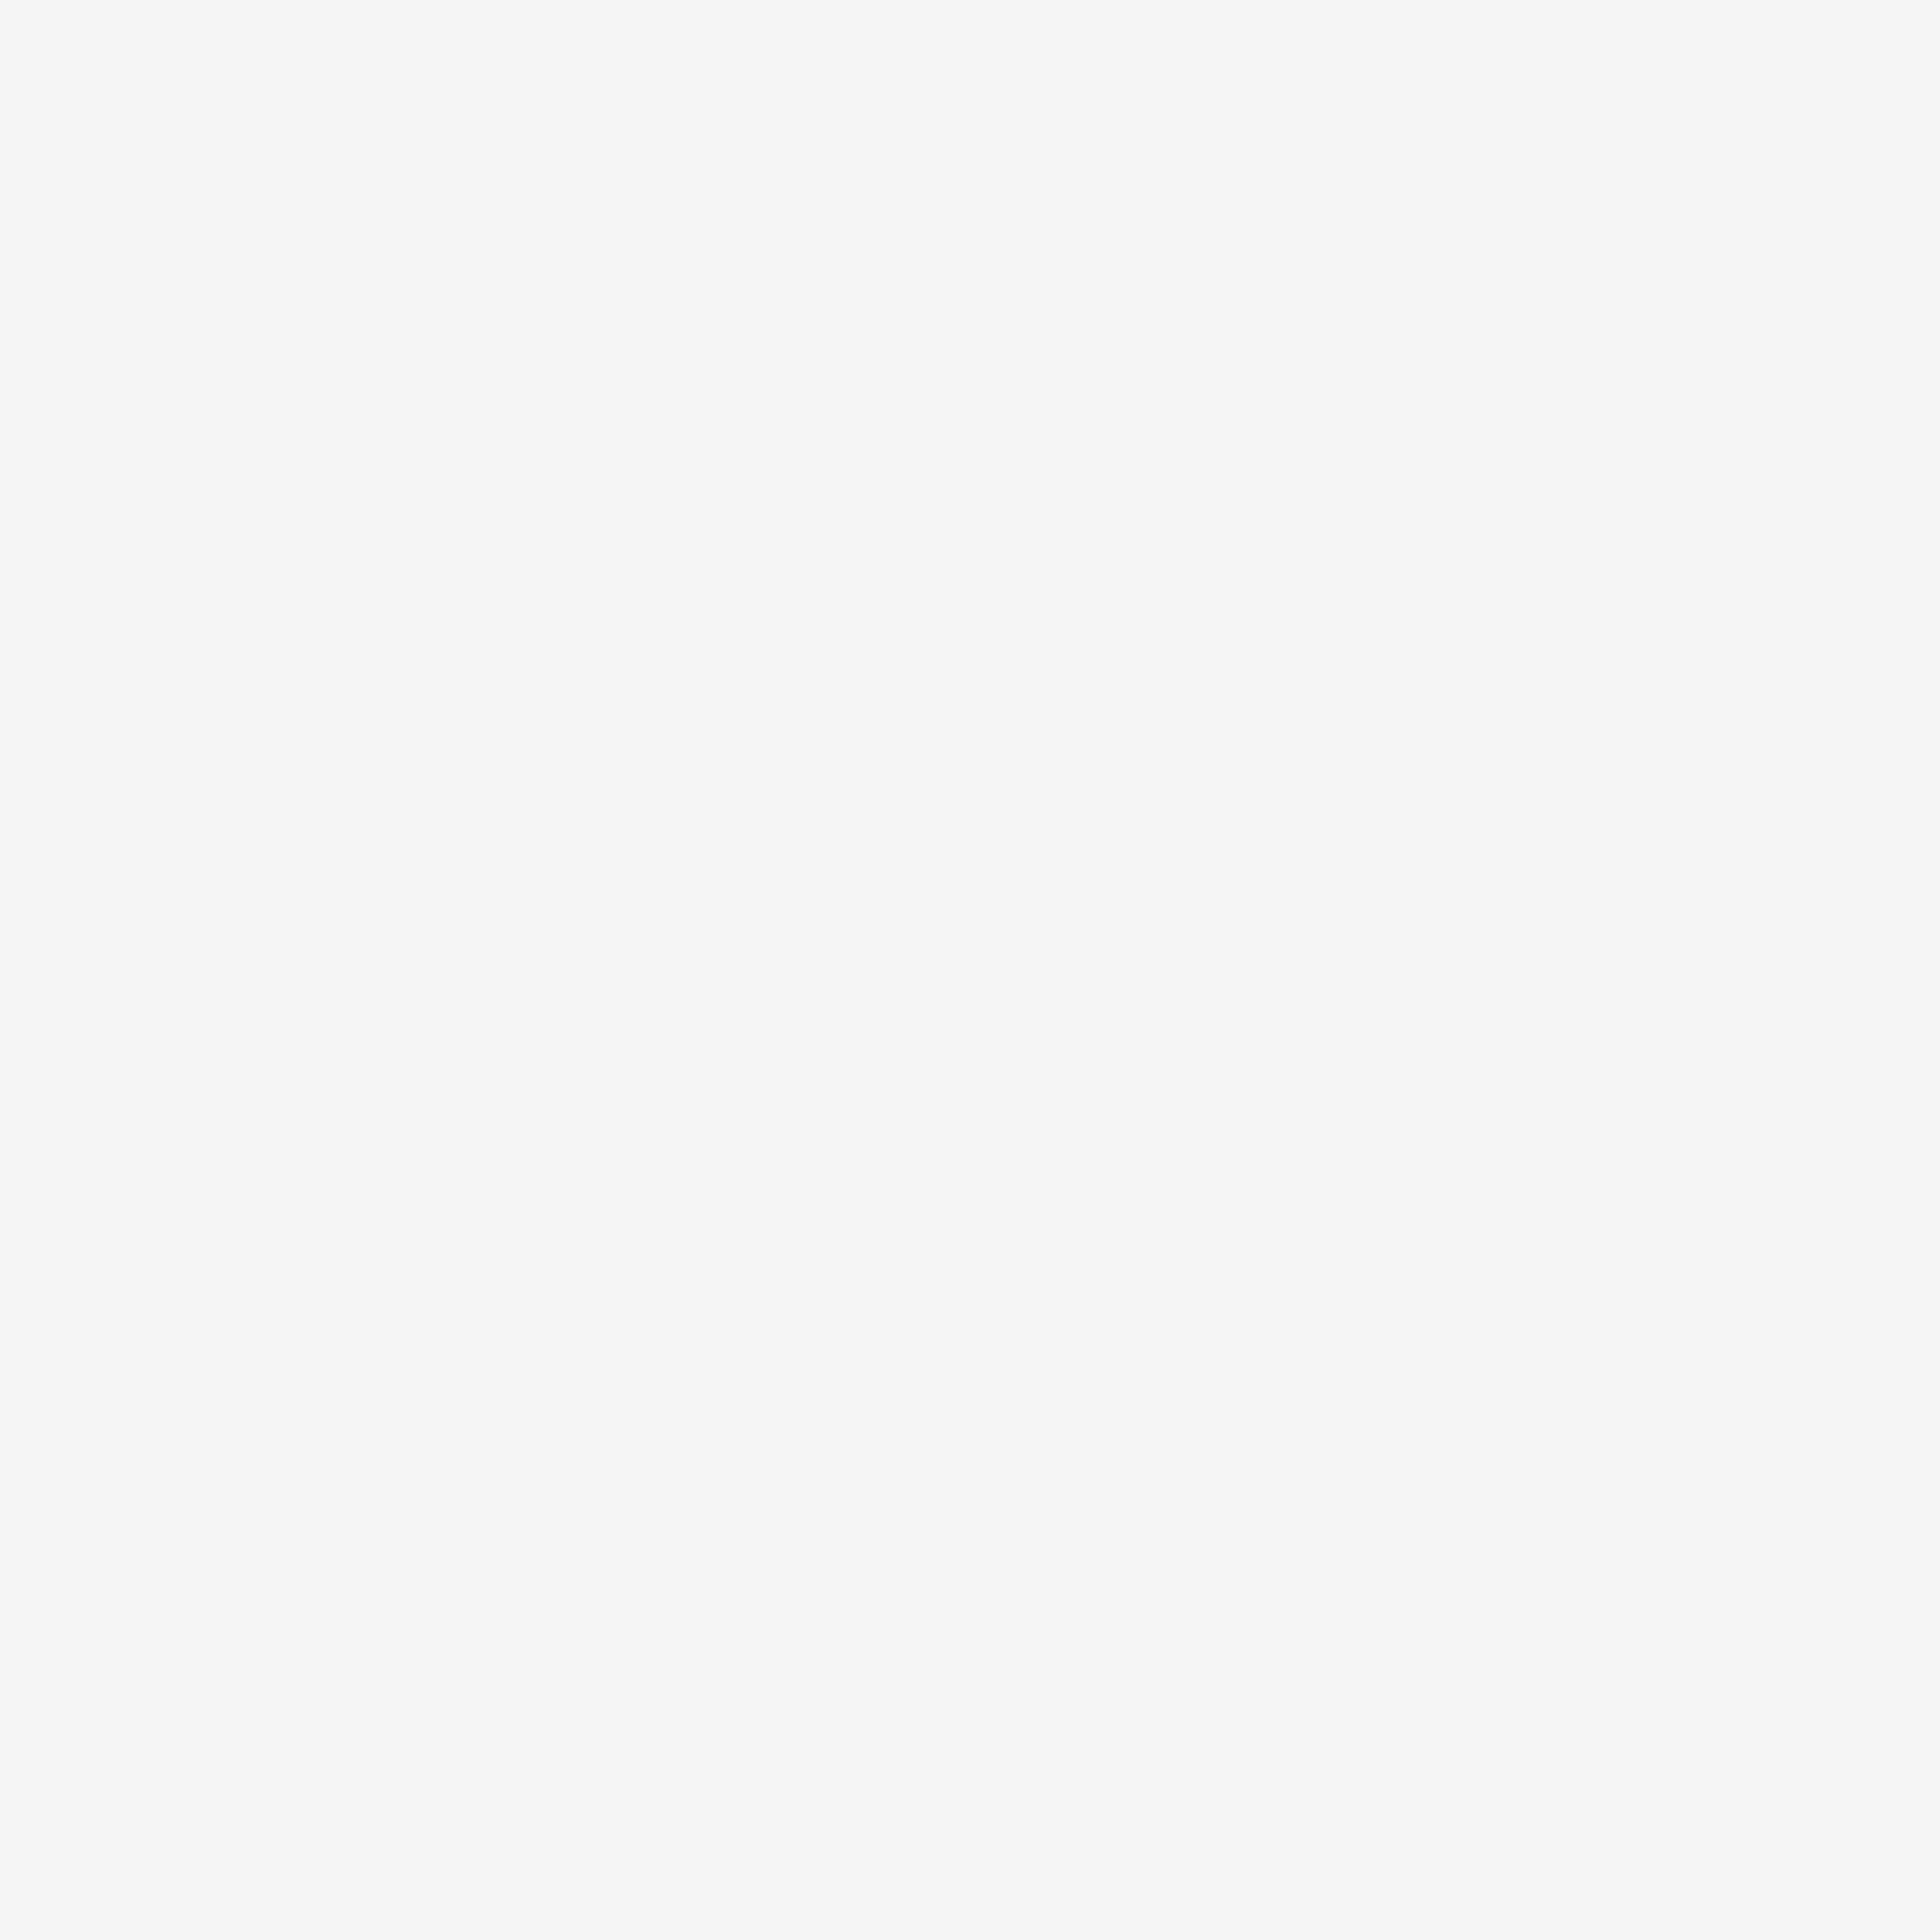 Asics - Gel Glorifient Chaussures De Course - Hommes - Chaussures - Noir - 46,5